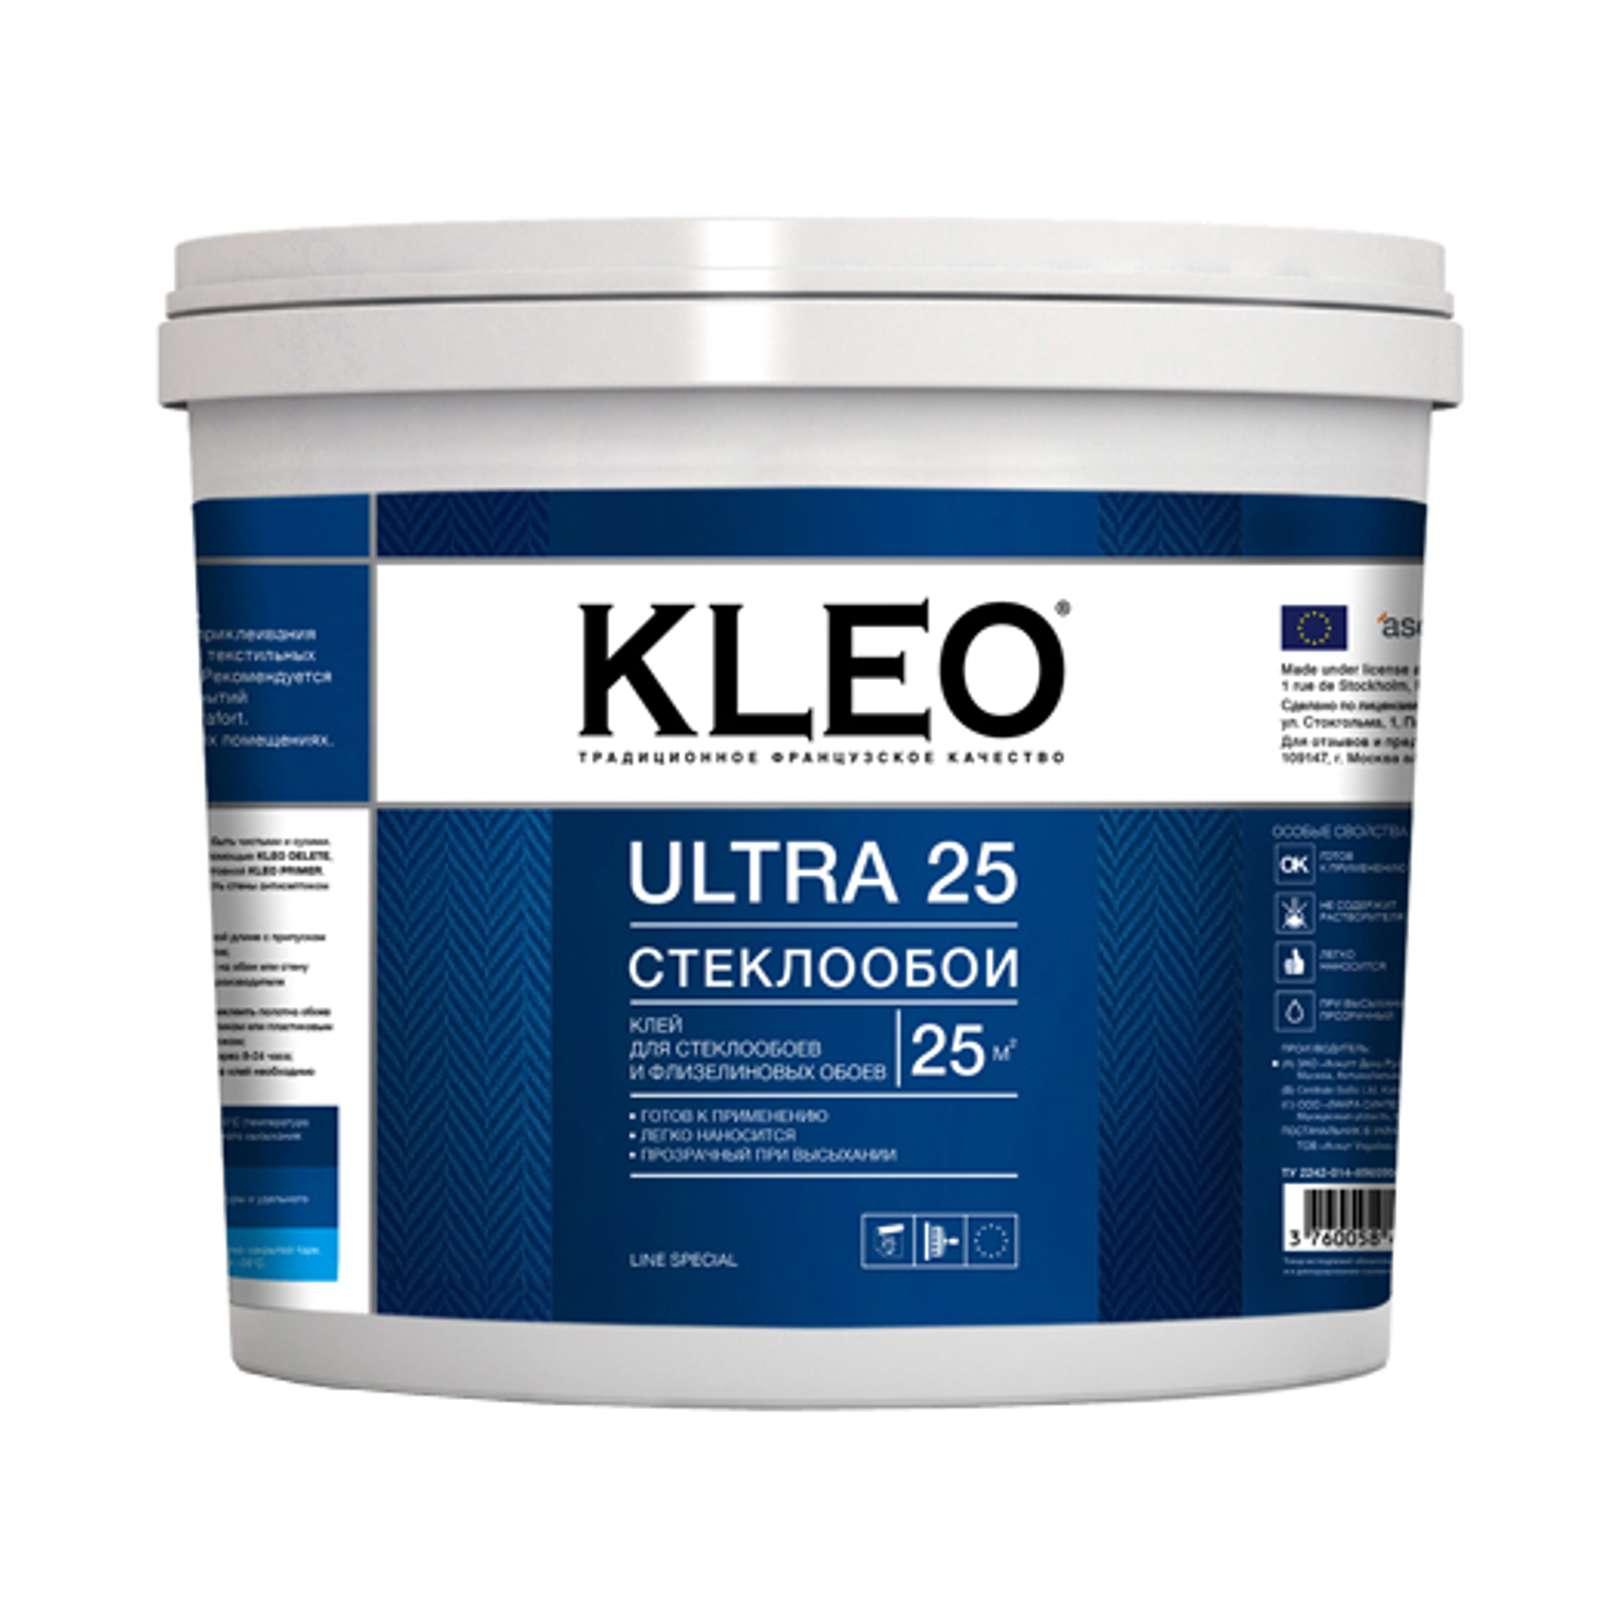 KLEO ULTRA 25, Клей для стеклообоев, готовый